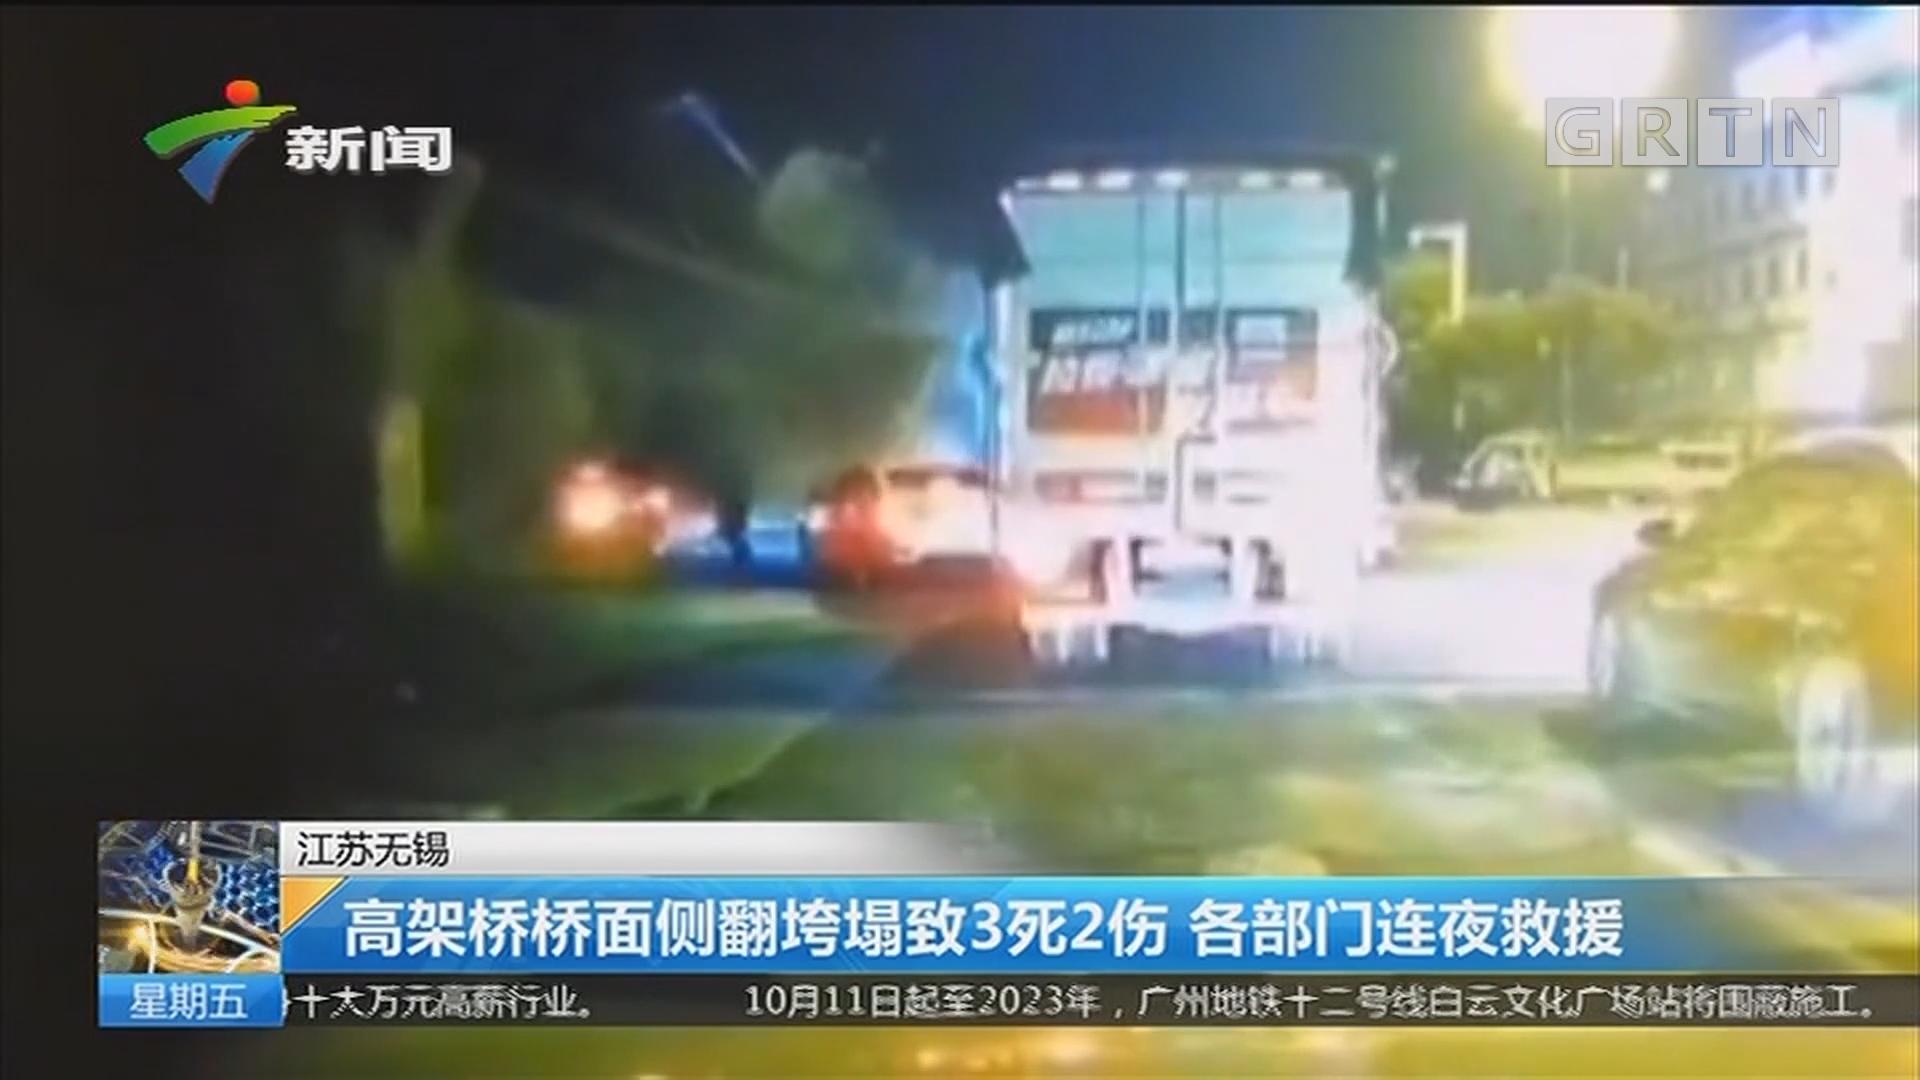 江苏无锡 高架桥桥面侧翻垮塌致3死2伤 各部门连夜救援